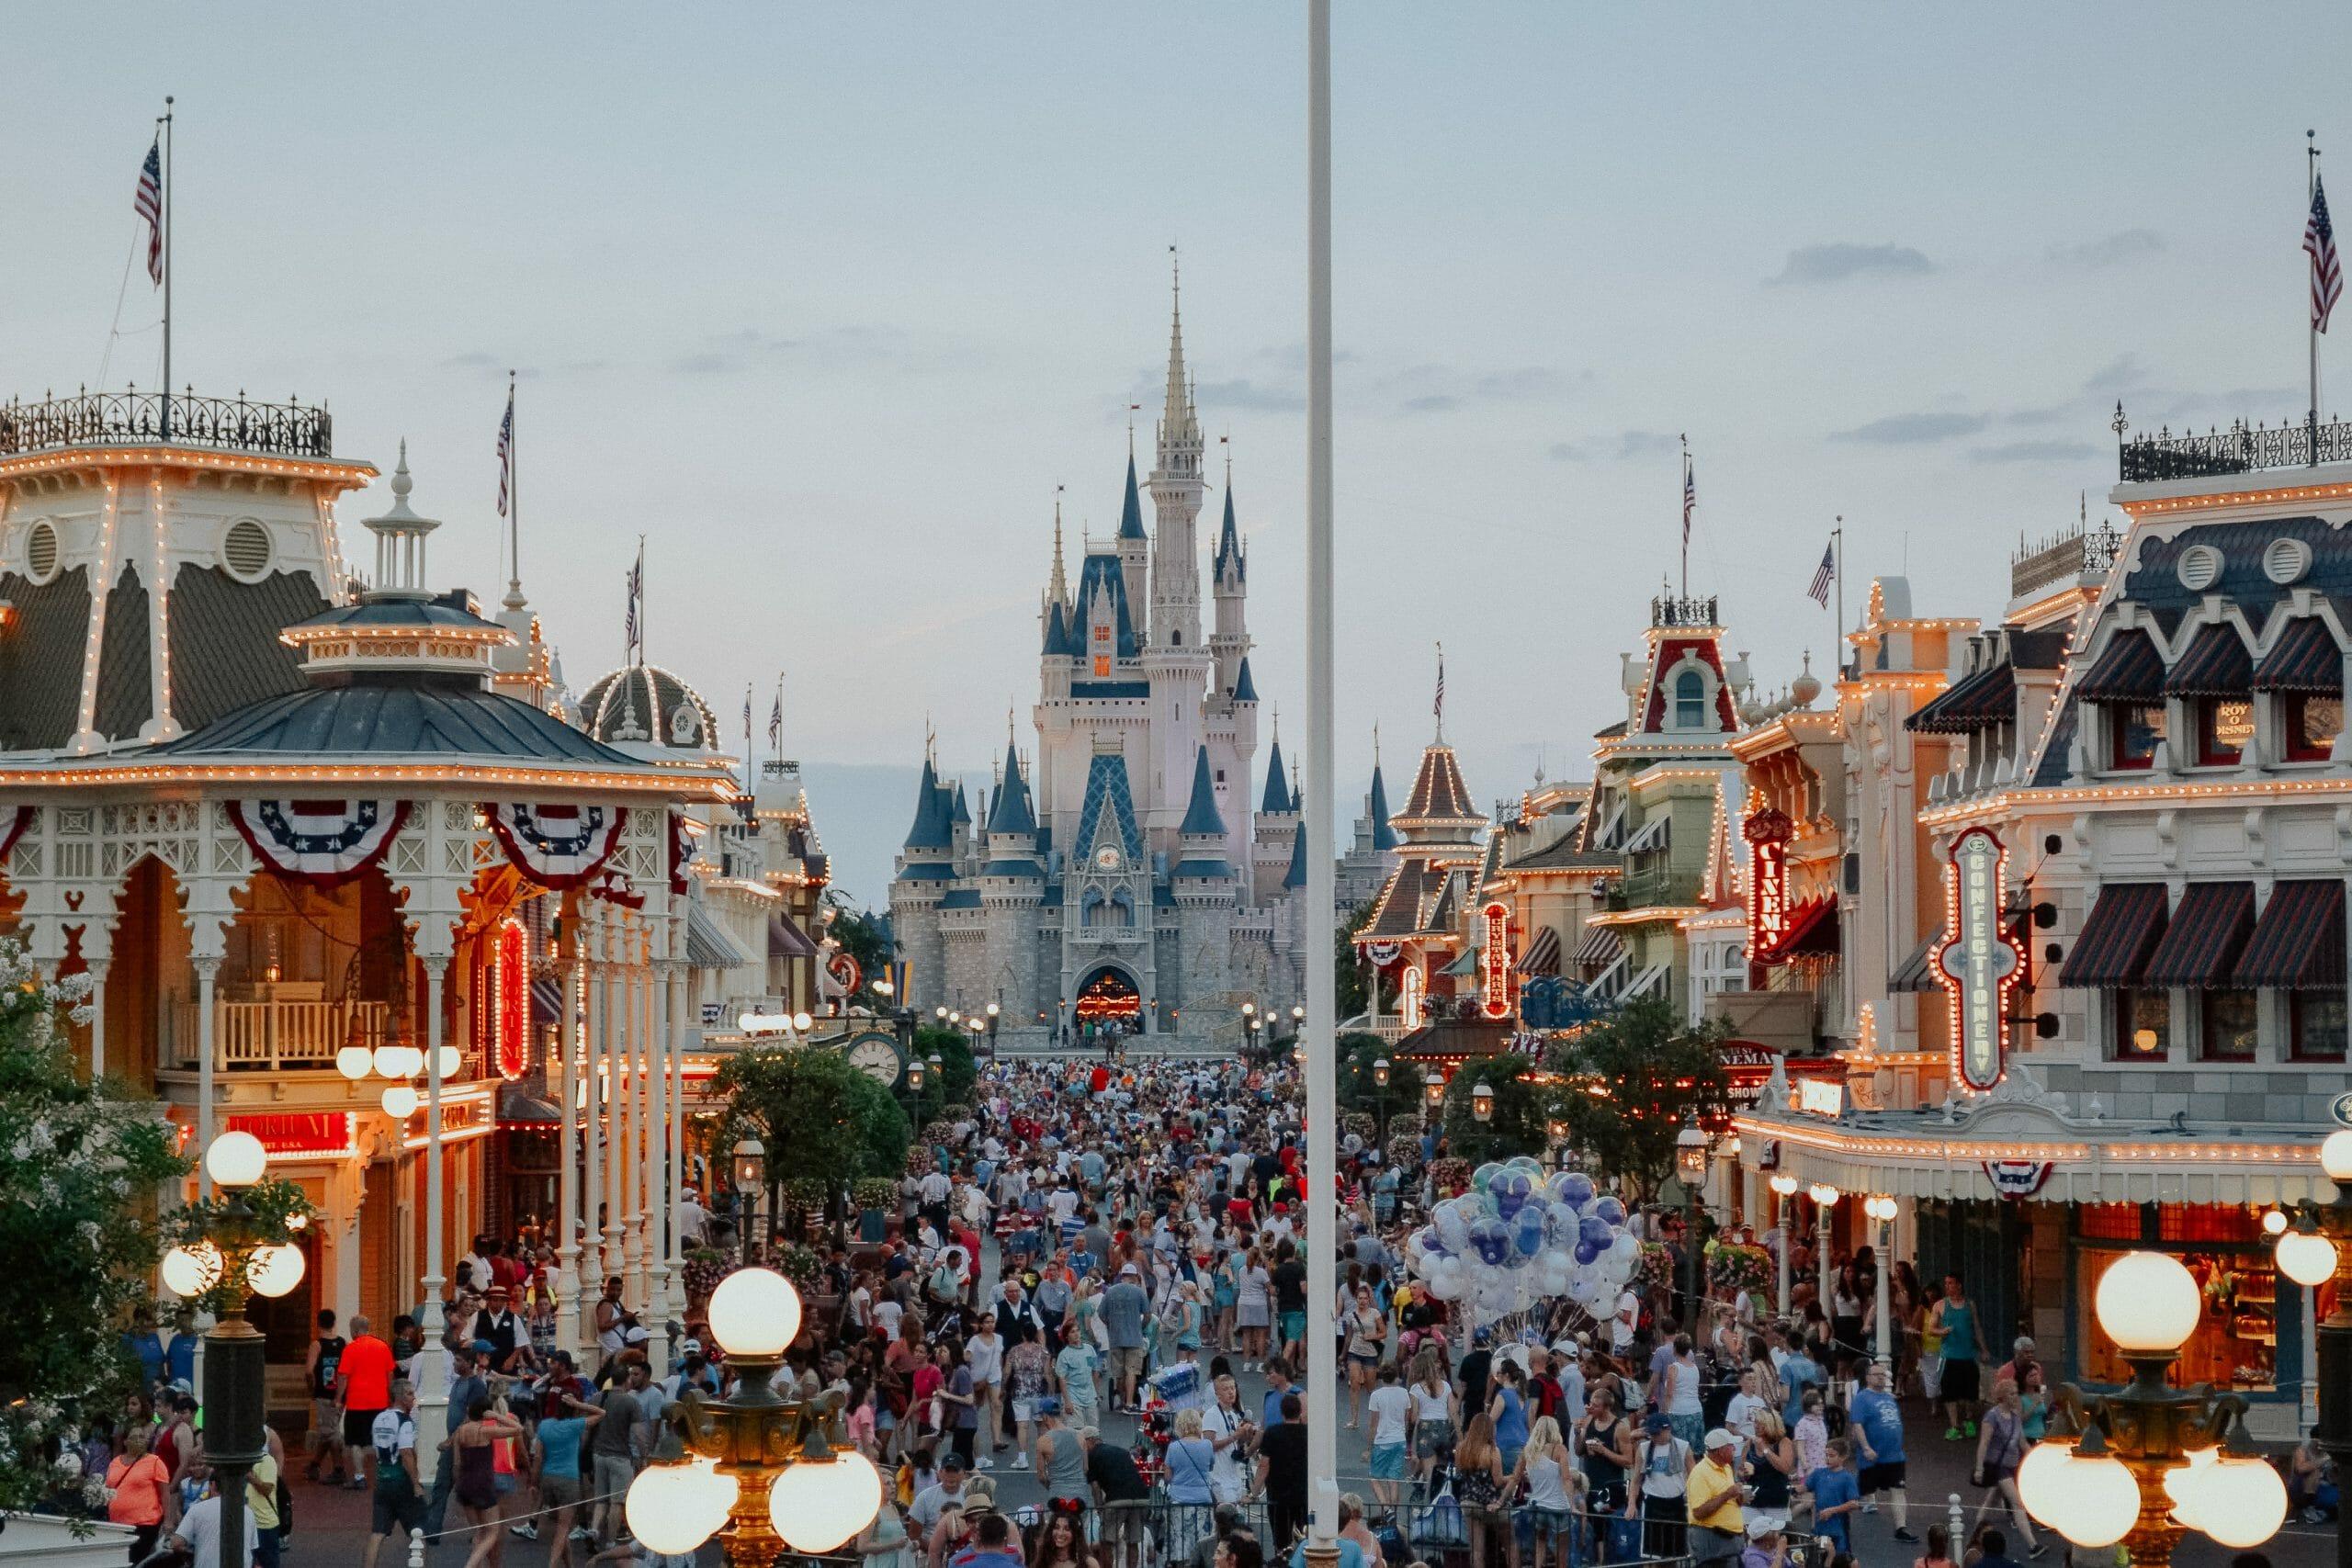 Foto de um dia muito cheio no Magic Kingdom, com o castelo da Cinderela ao fundo e a Main Street começando a ser iluminada.